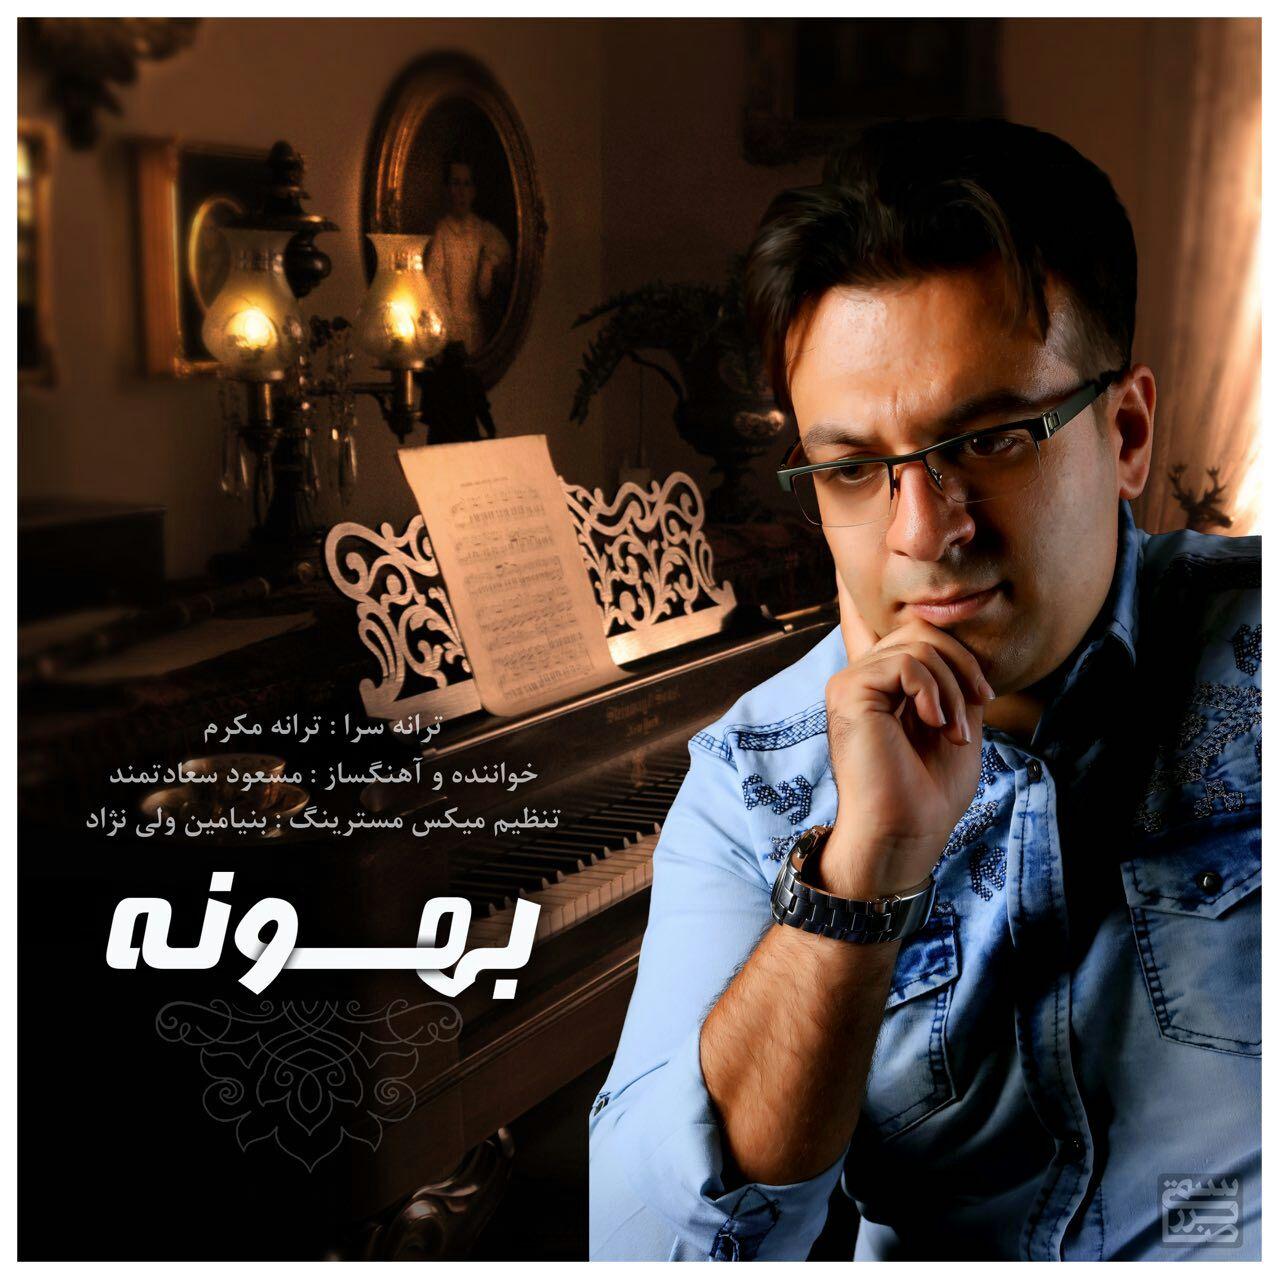 دانلود آلبوم جدید مسعود سعادتمند بنام بهونه